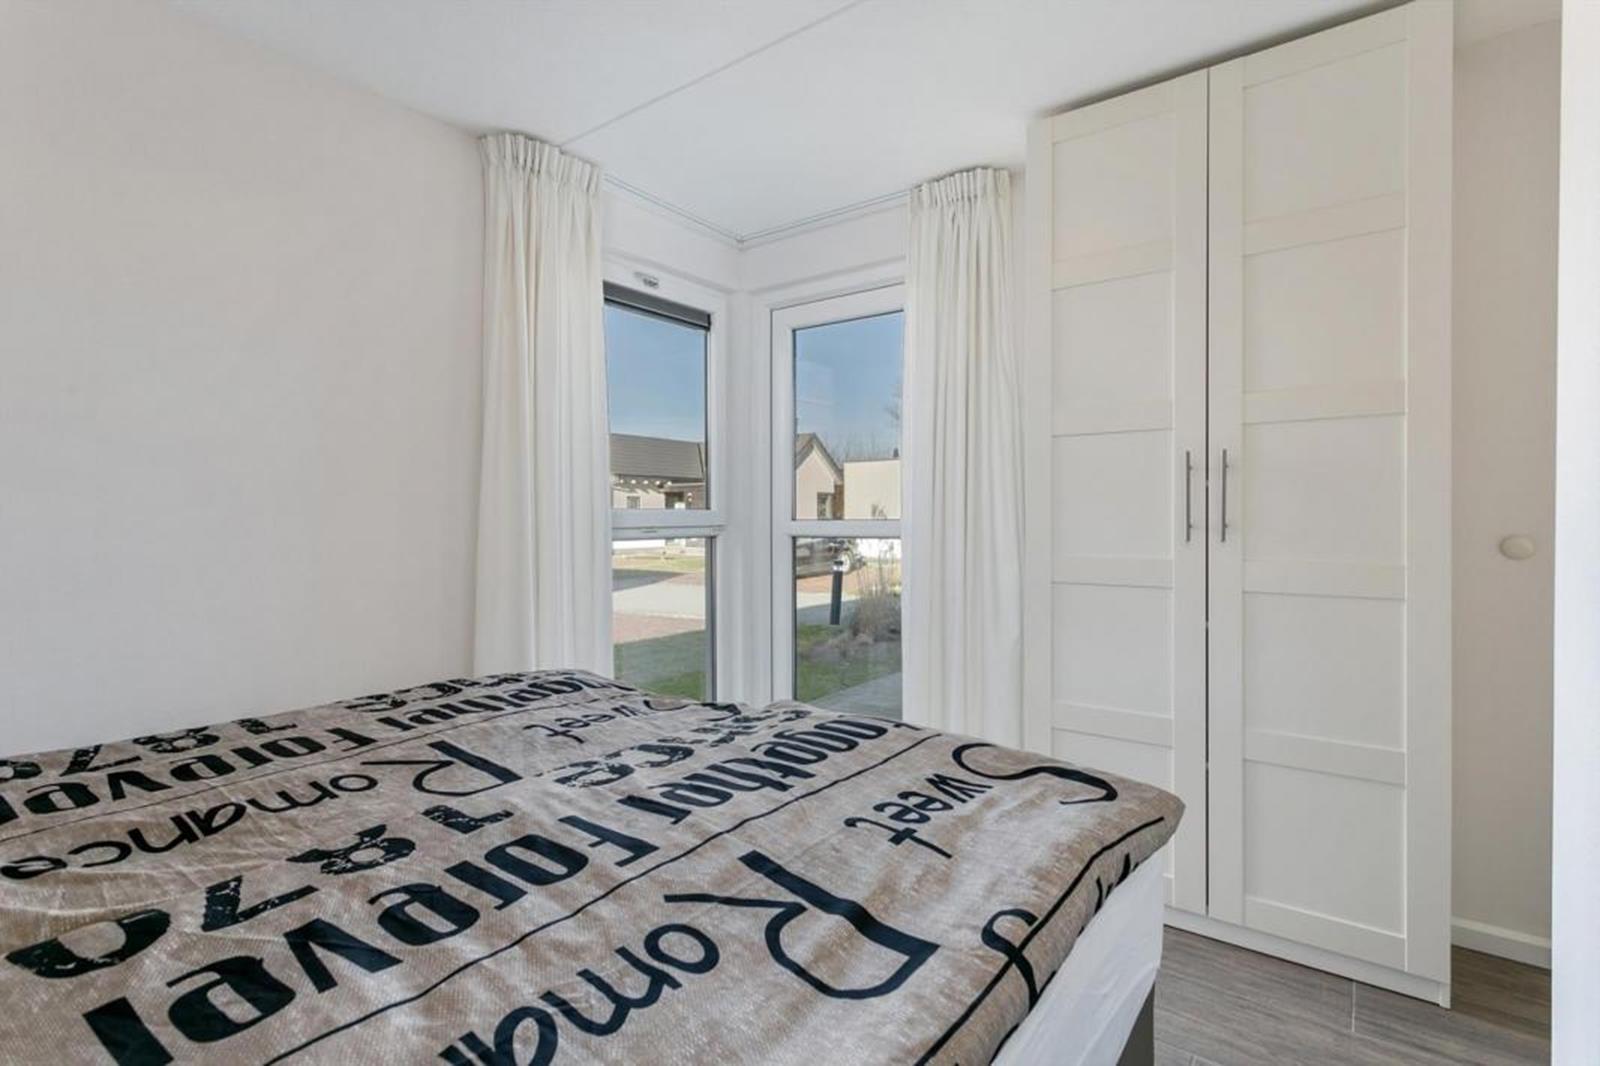 Vakantiehuis te koop Ouddorp SR1 034.jpg